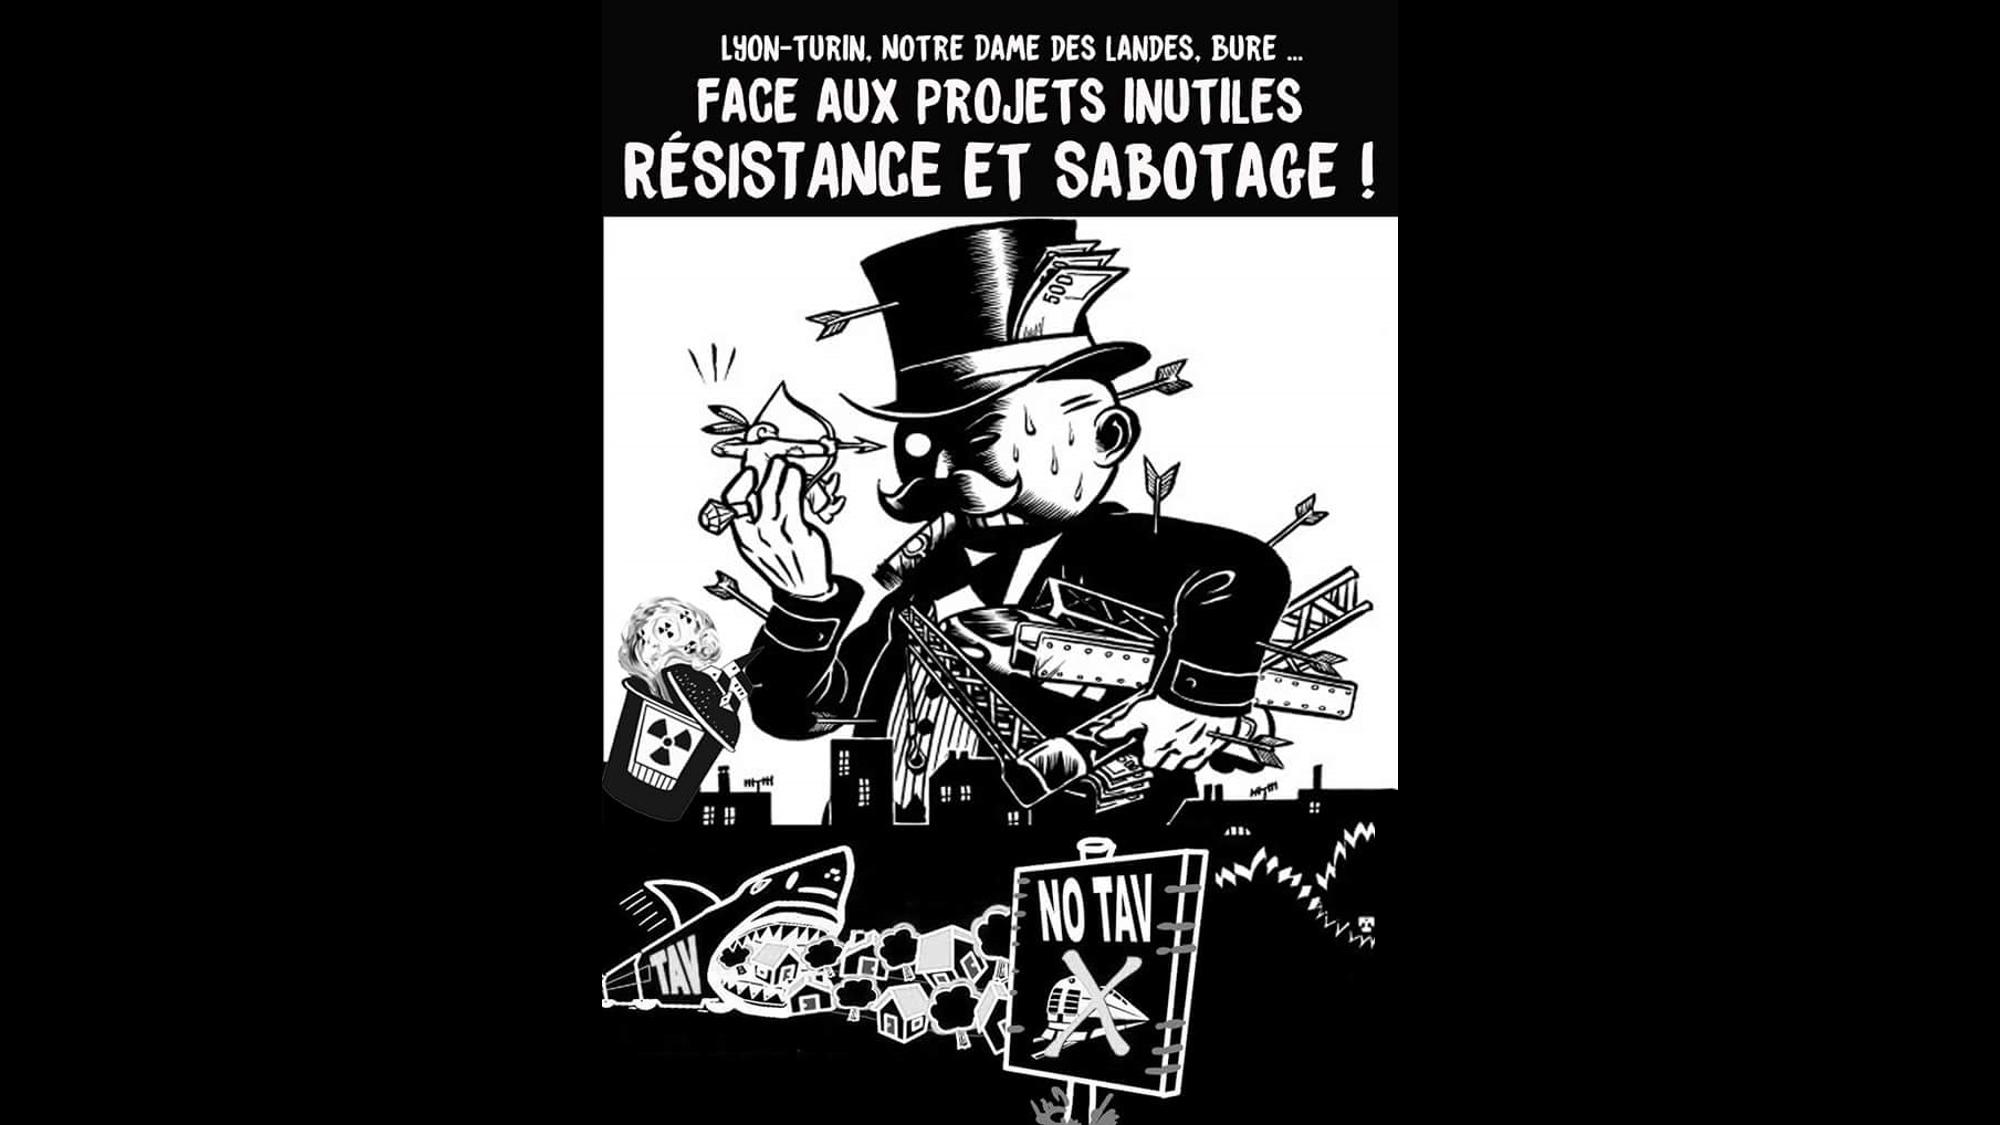 RESISTANCE FR